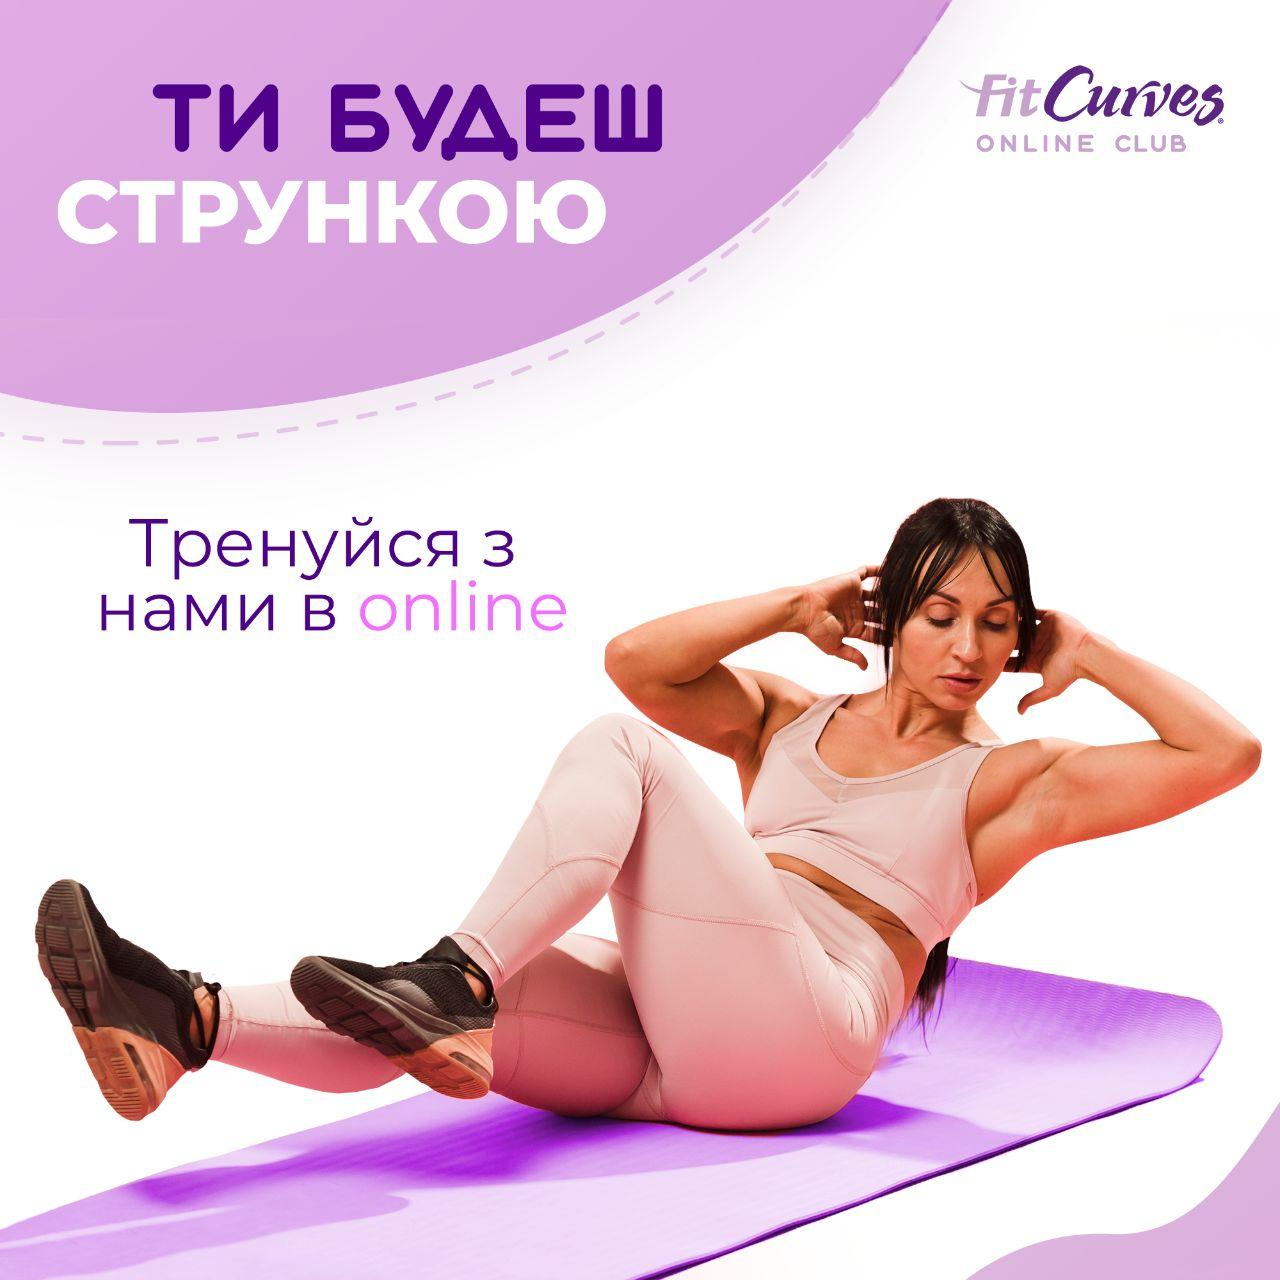 Новинка – FitCurves Online Club